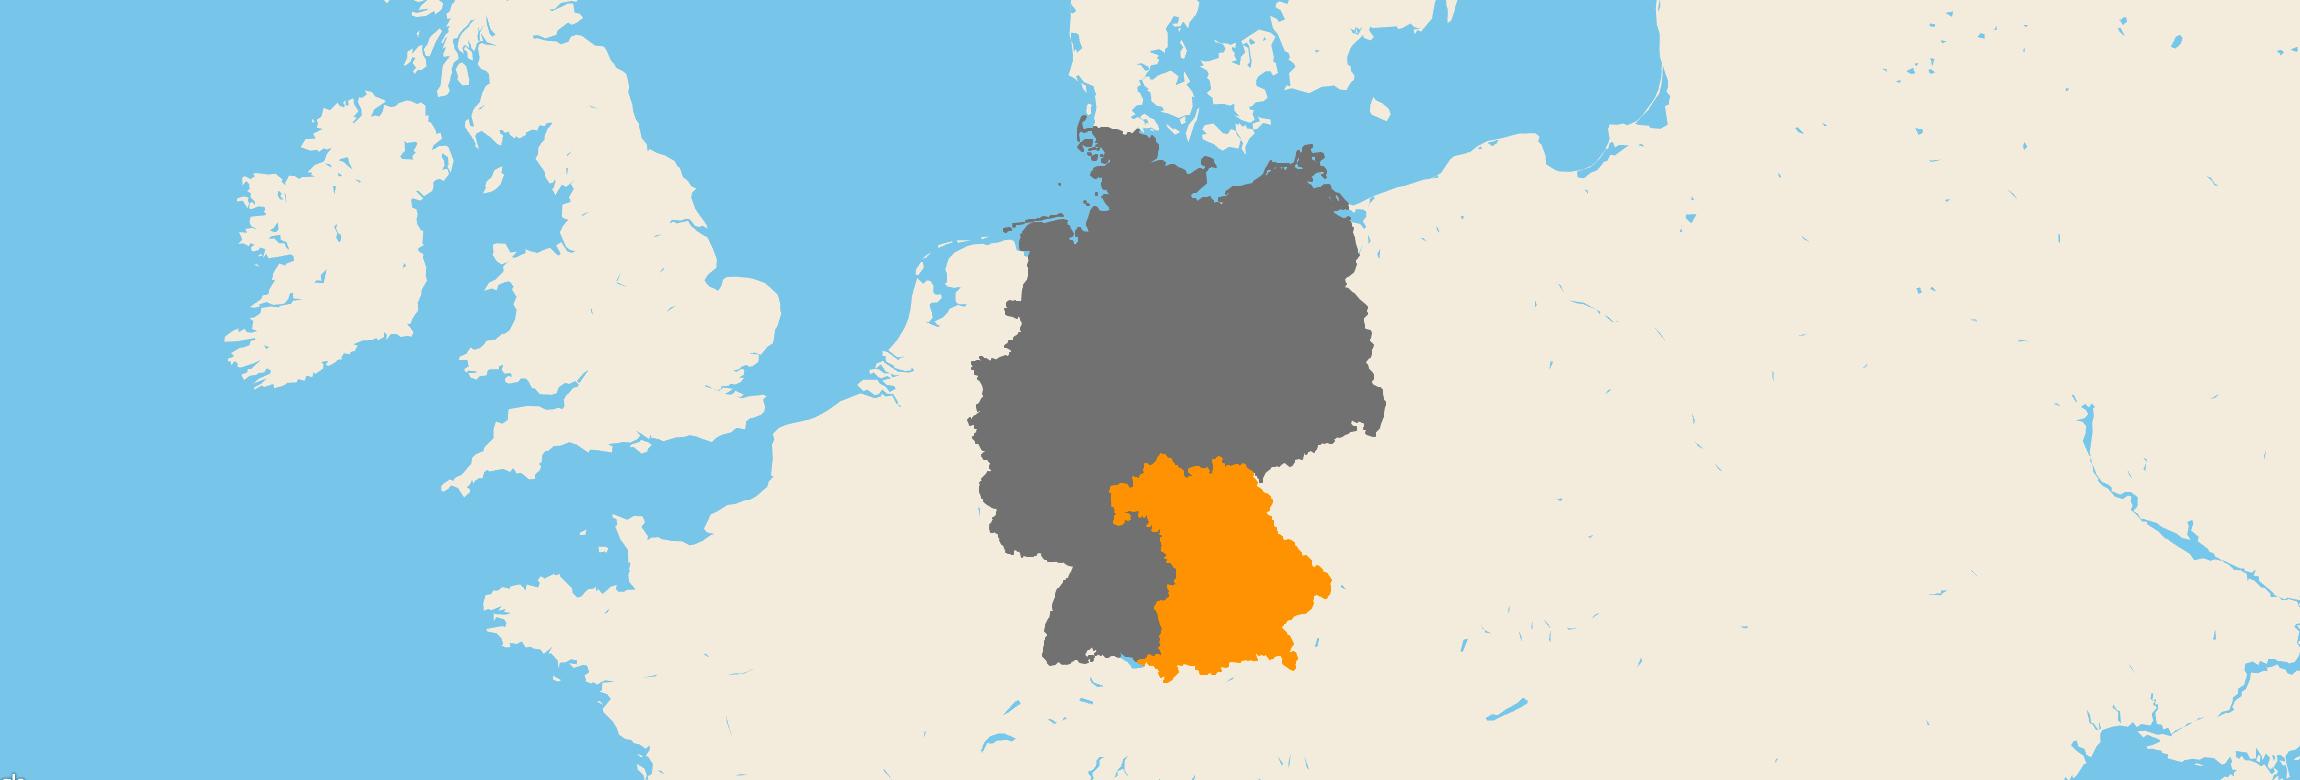 Bayern kartenansicht